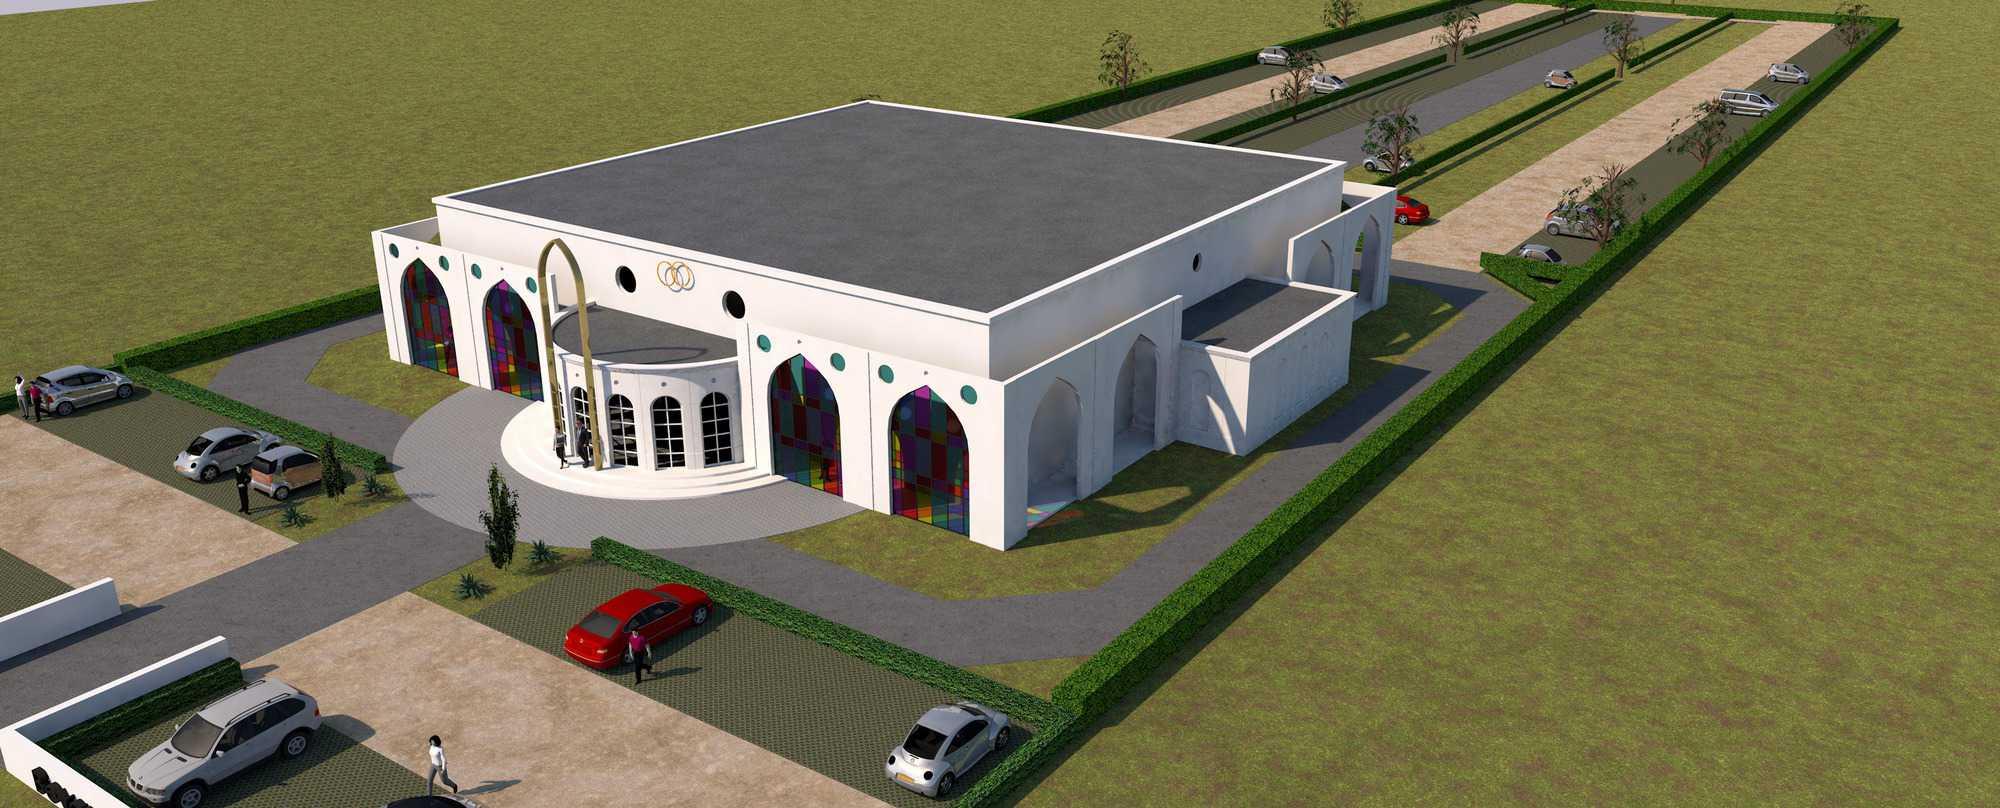 Detail afbeelding 2 van BEJAZ SARAY – ontmoetingscentrum   Ontwerp door architect Patrick Strackx